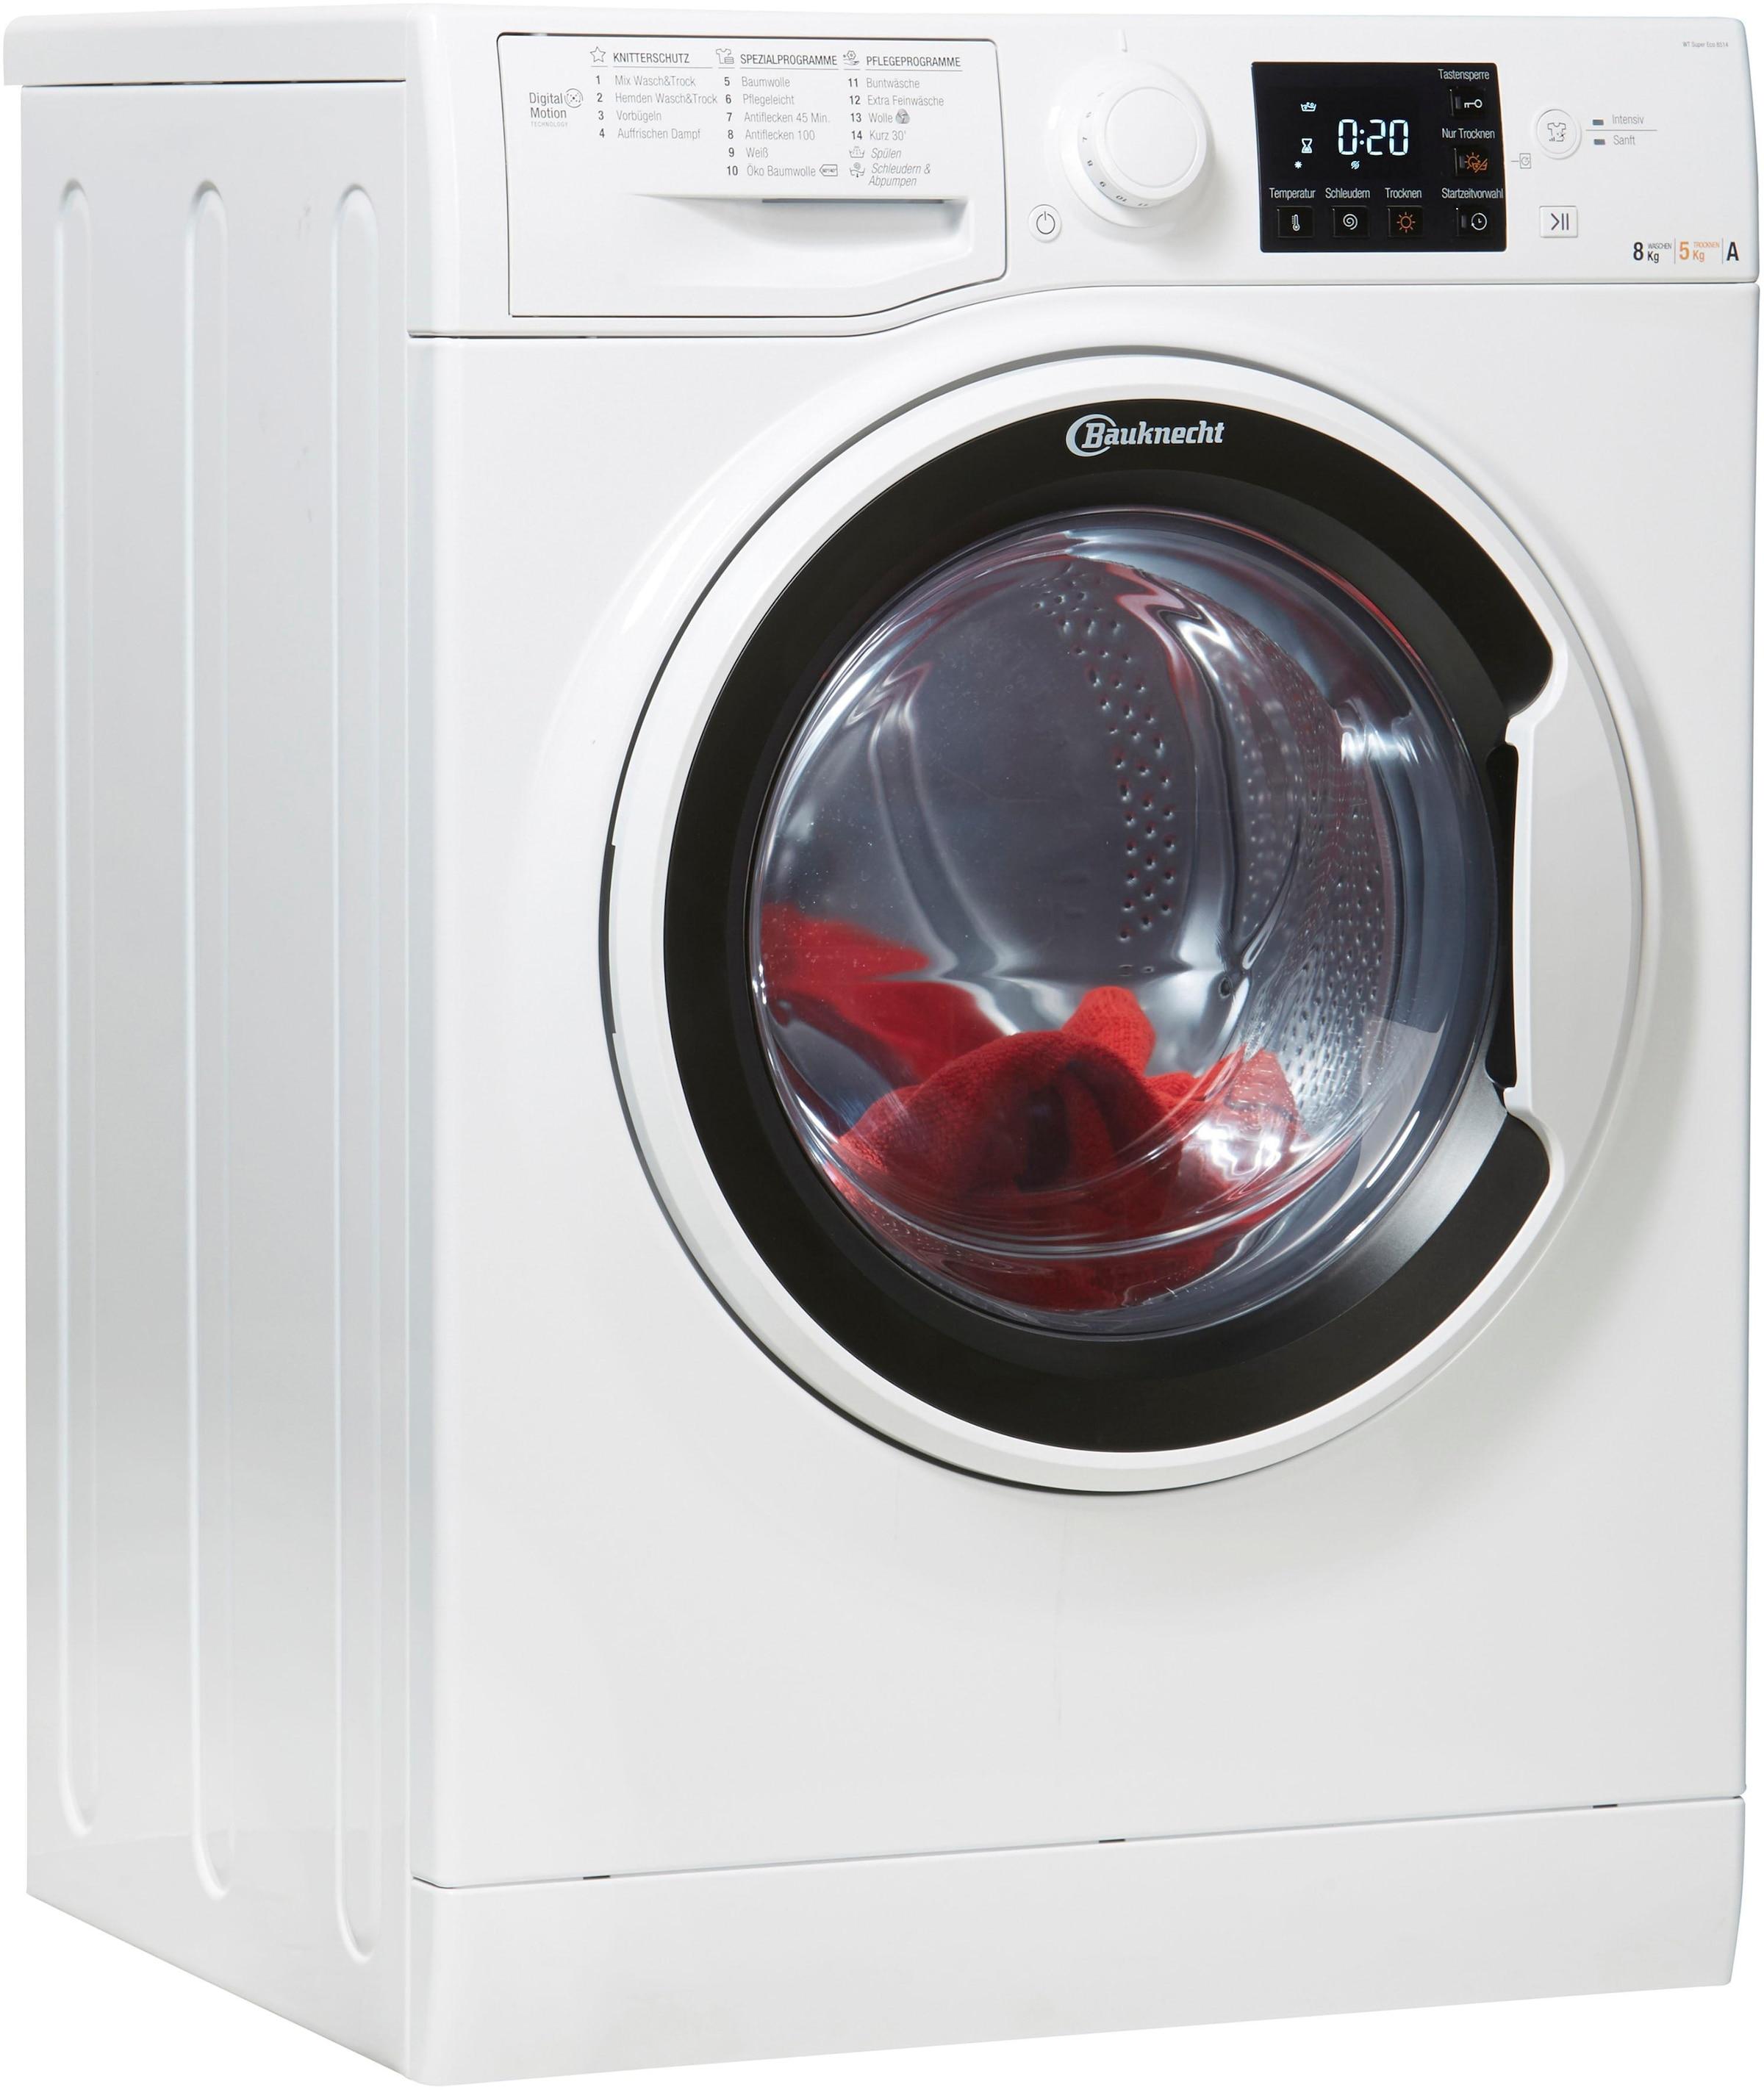 Waschtrockner im online shop kaufen rechnung raten baur